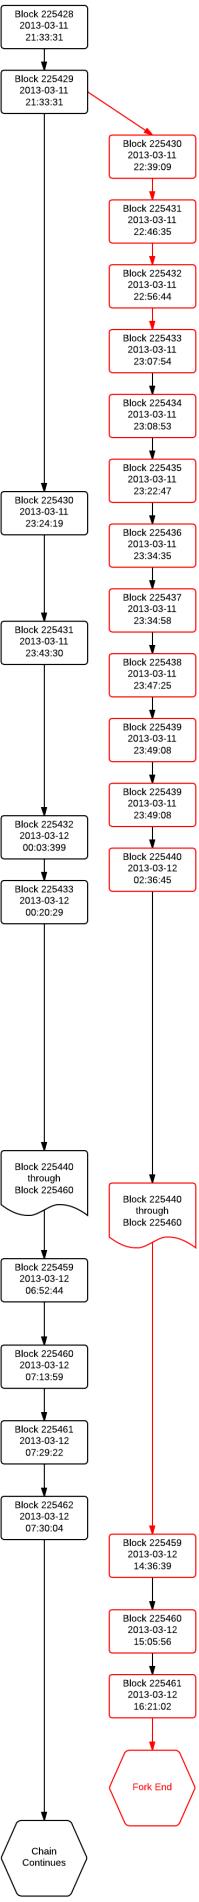 BlockchainFork